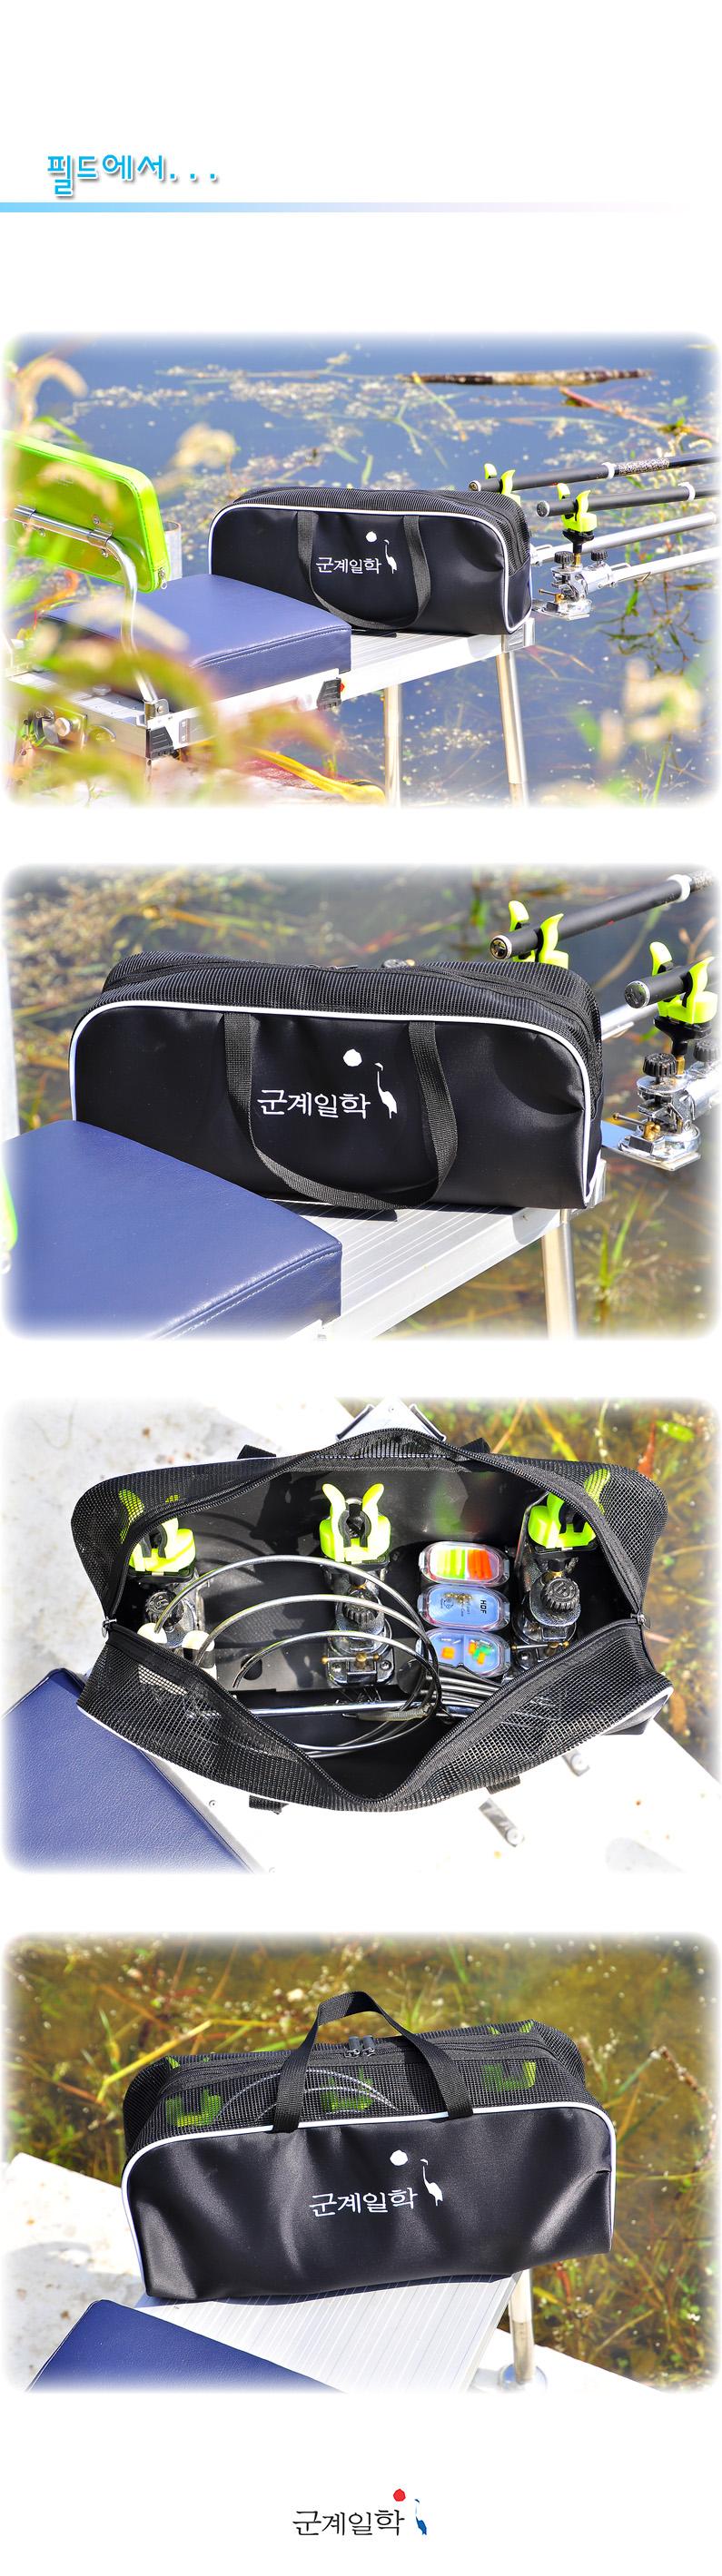 소좌 받침틀(3단)용 가방 - 상세3.jpg